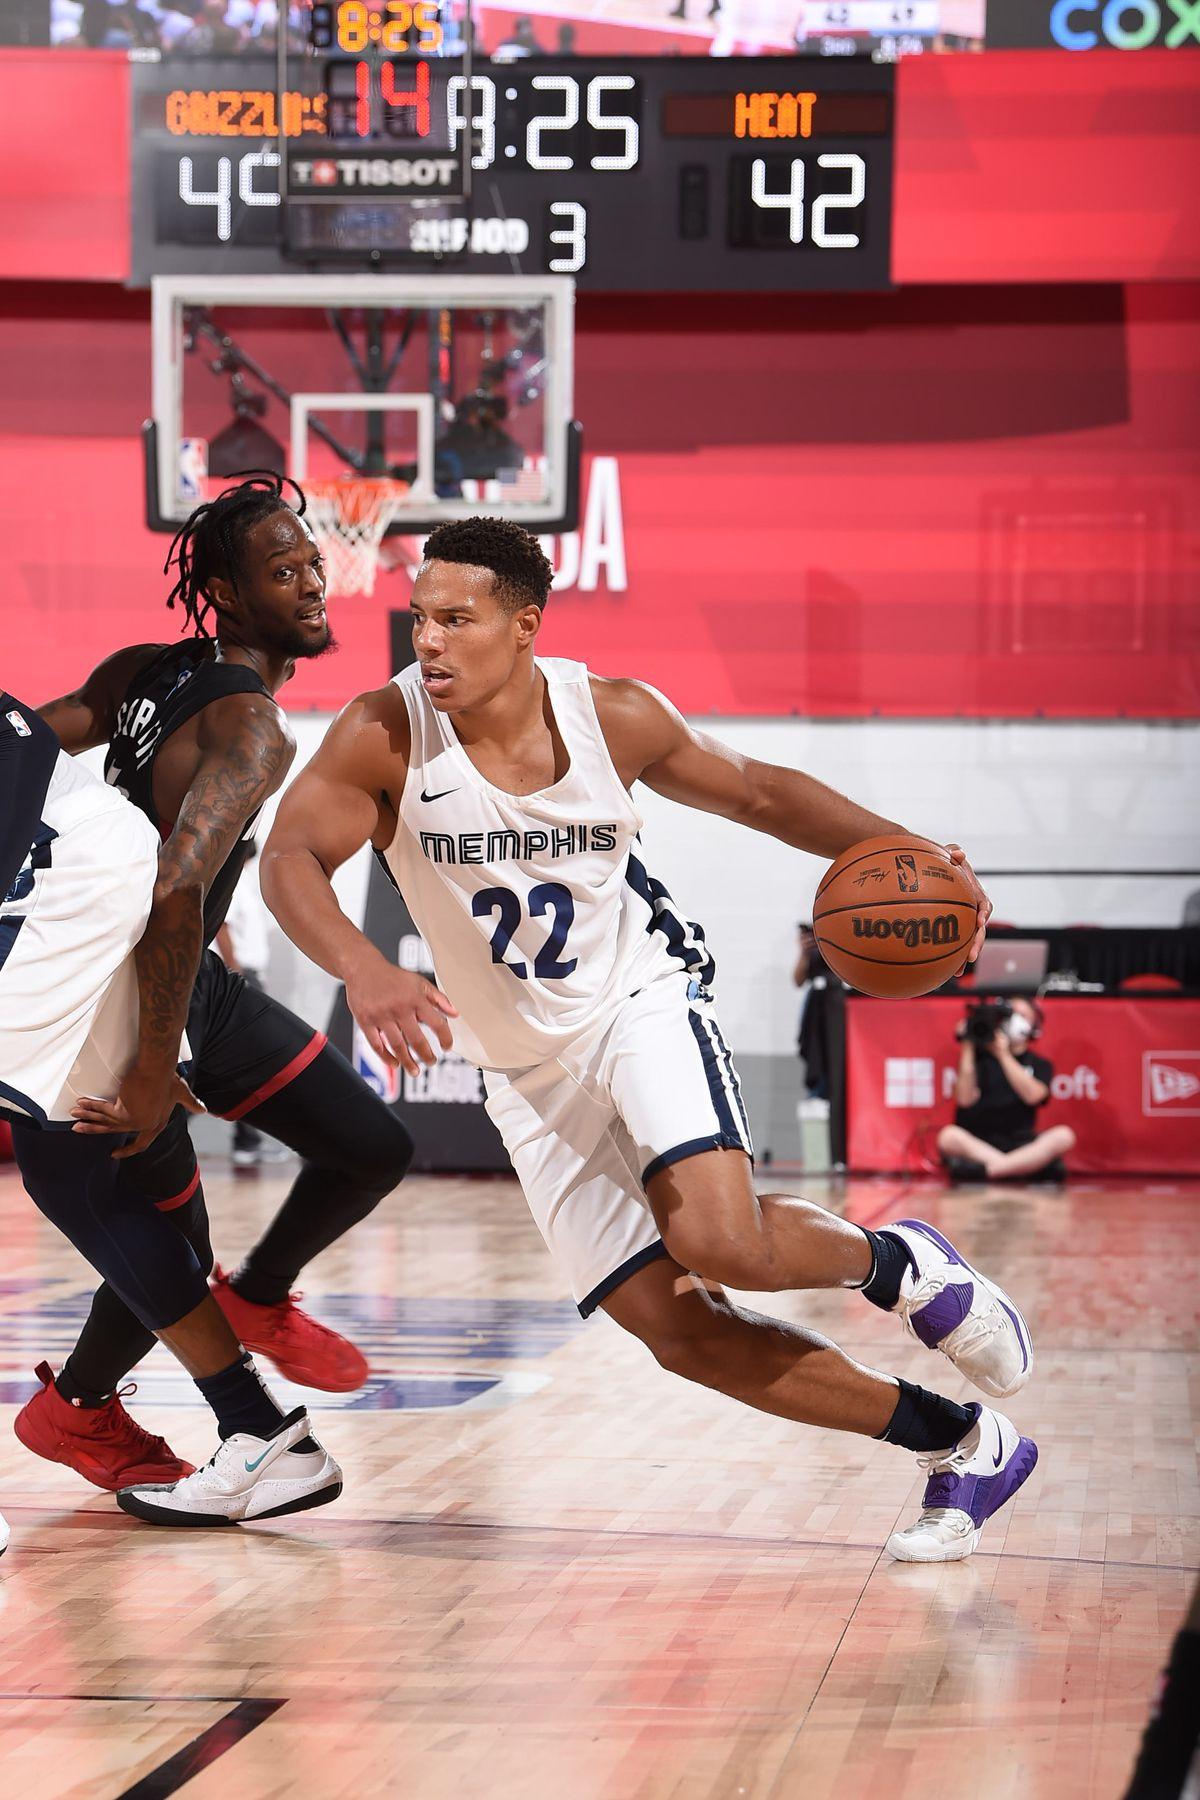 2021 Las Vegas Summer League - Miami Heat v Memphis Grizzlies